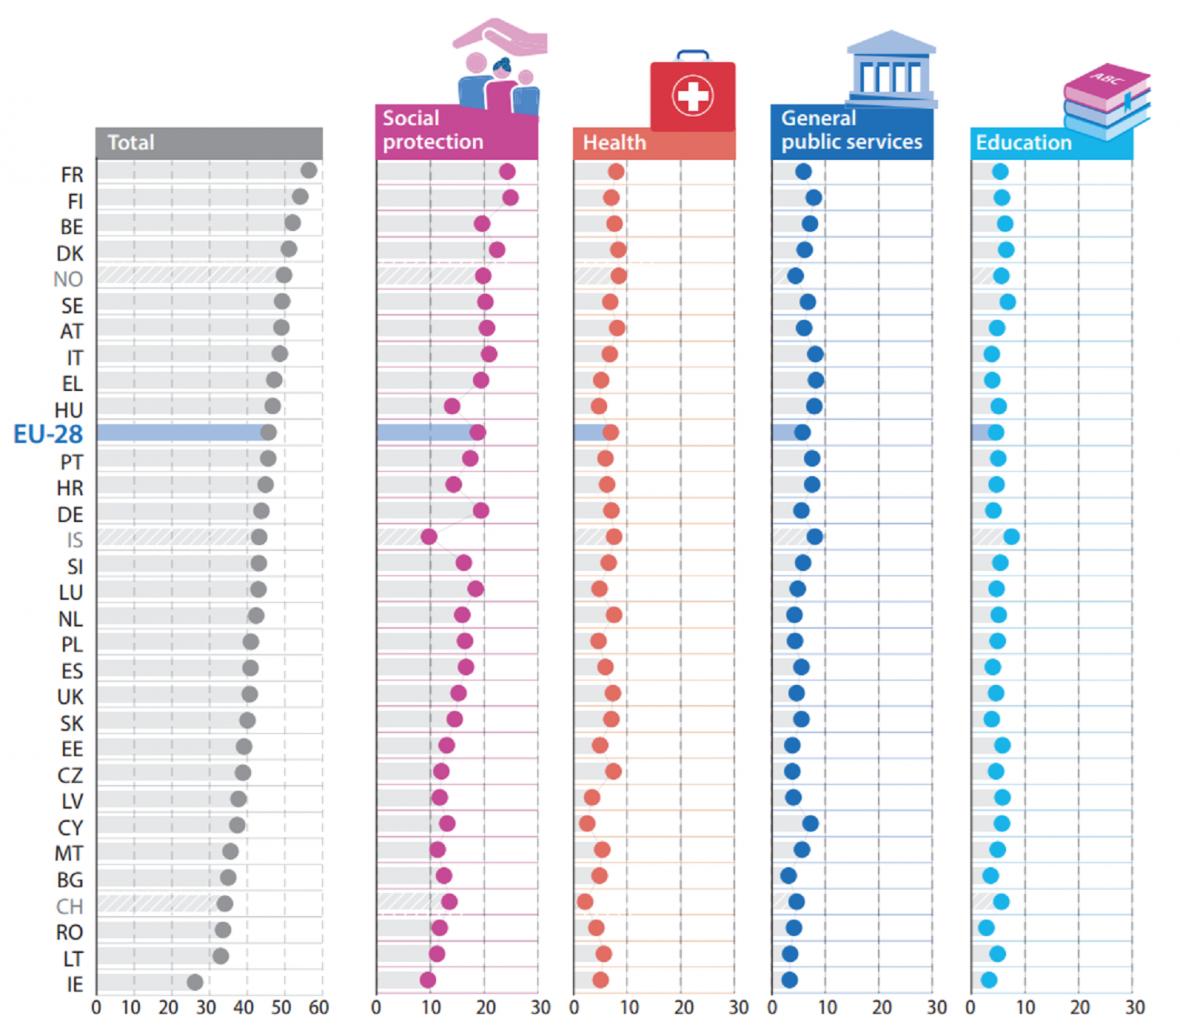 Výdaje státu jako podíl HDP celkem, na sociální věci, zdravotnictví, obecné veřejné služby, vzdělání